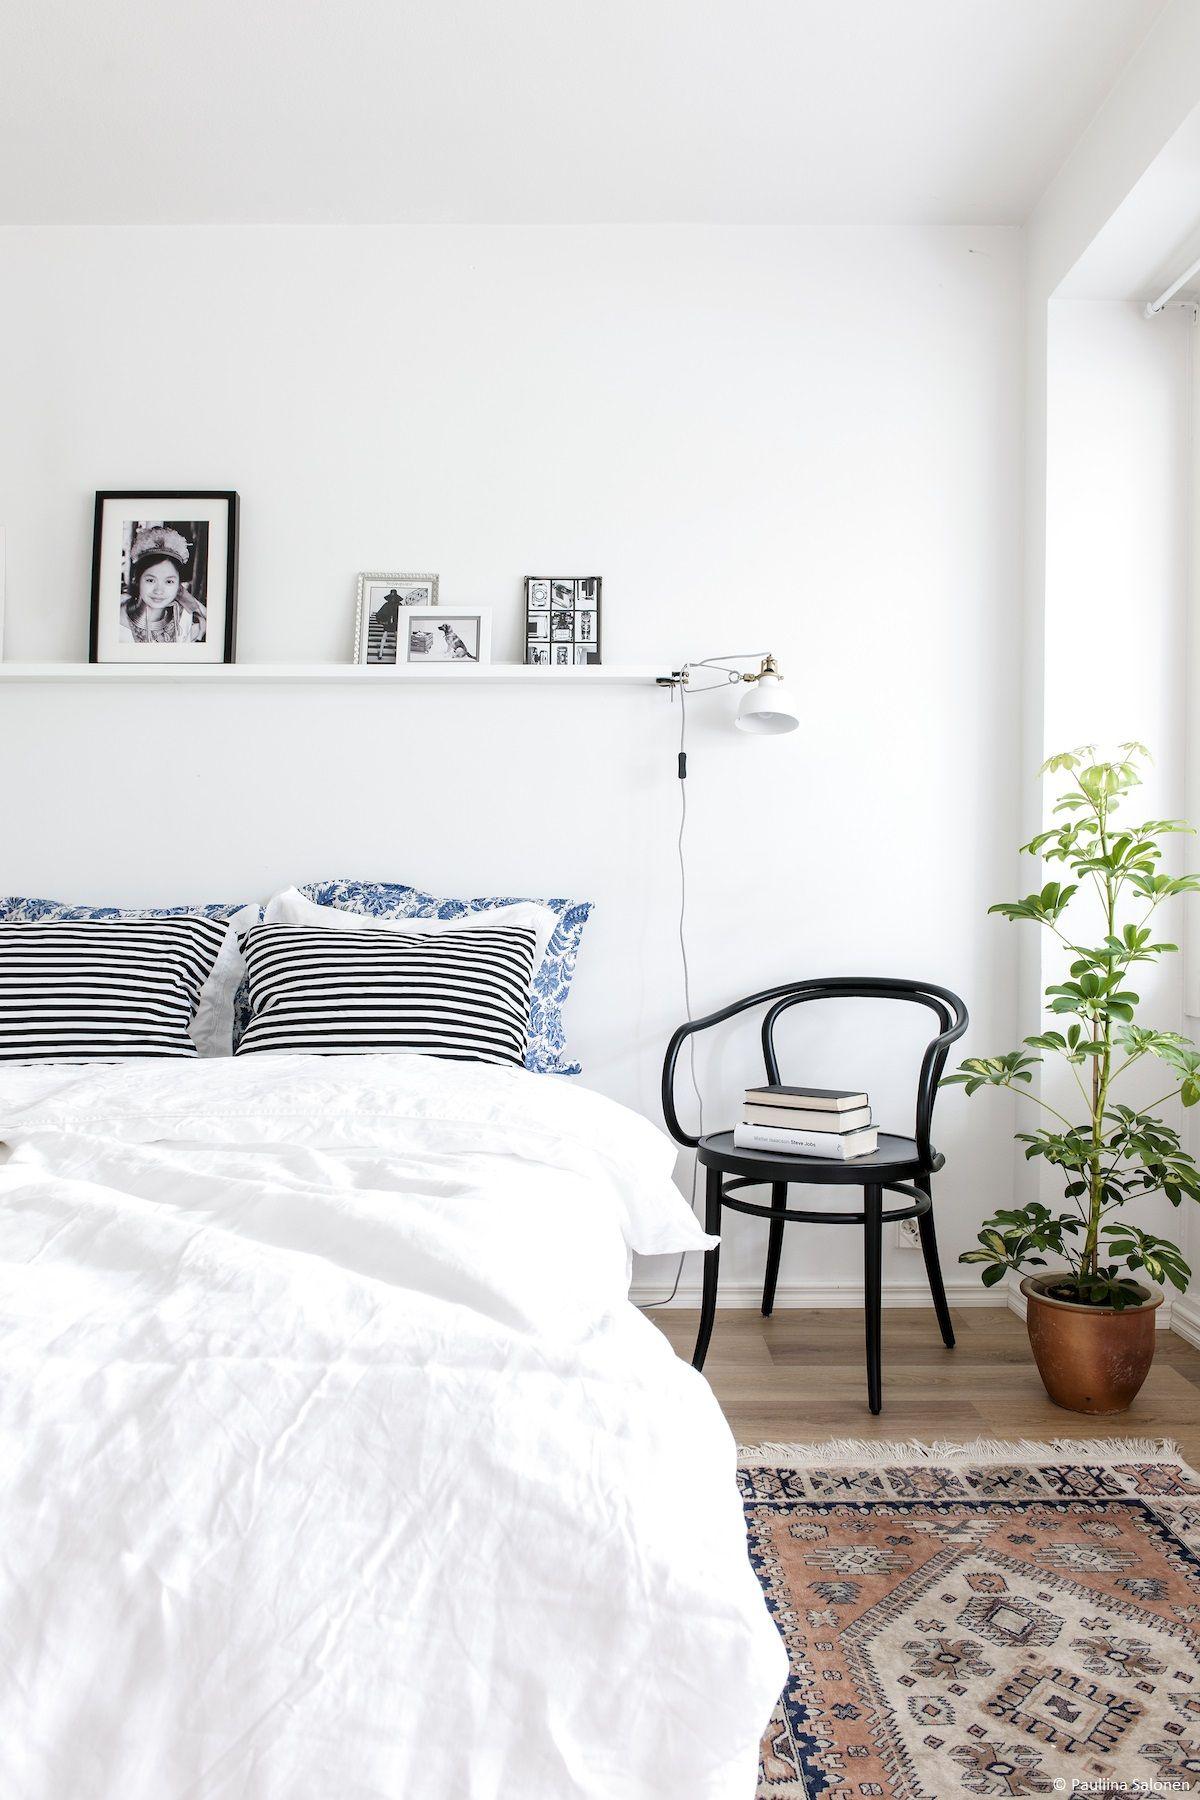 Comment Rafraichir Une Chambre De Bébé canicule : comment rafraichir sa chambre ? - 31m2